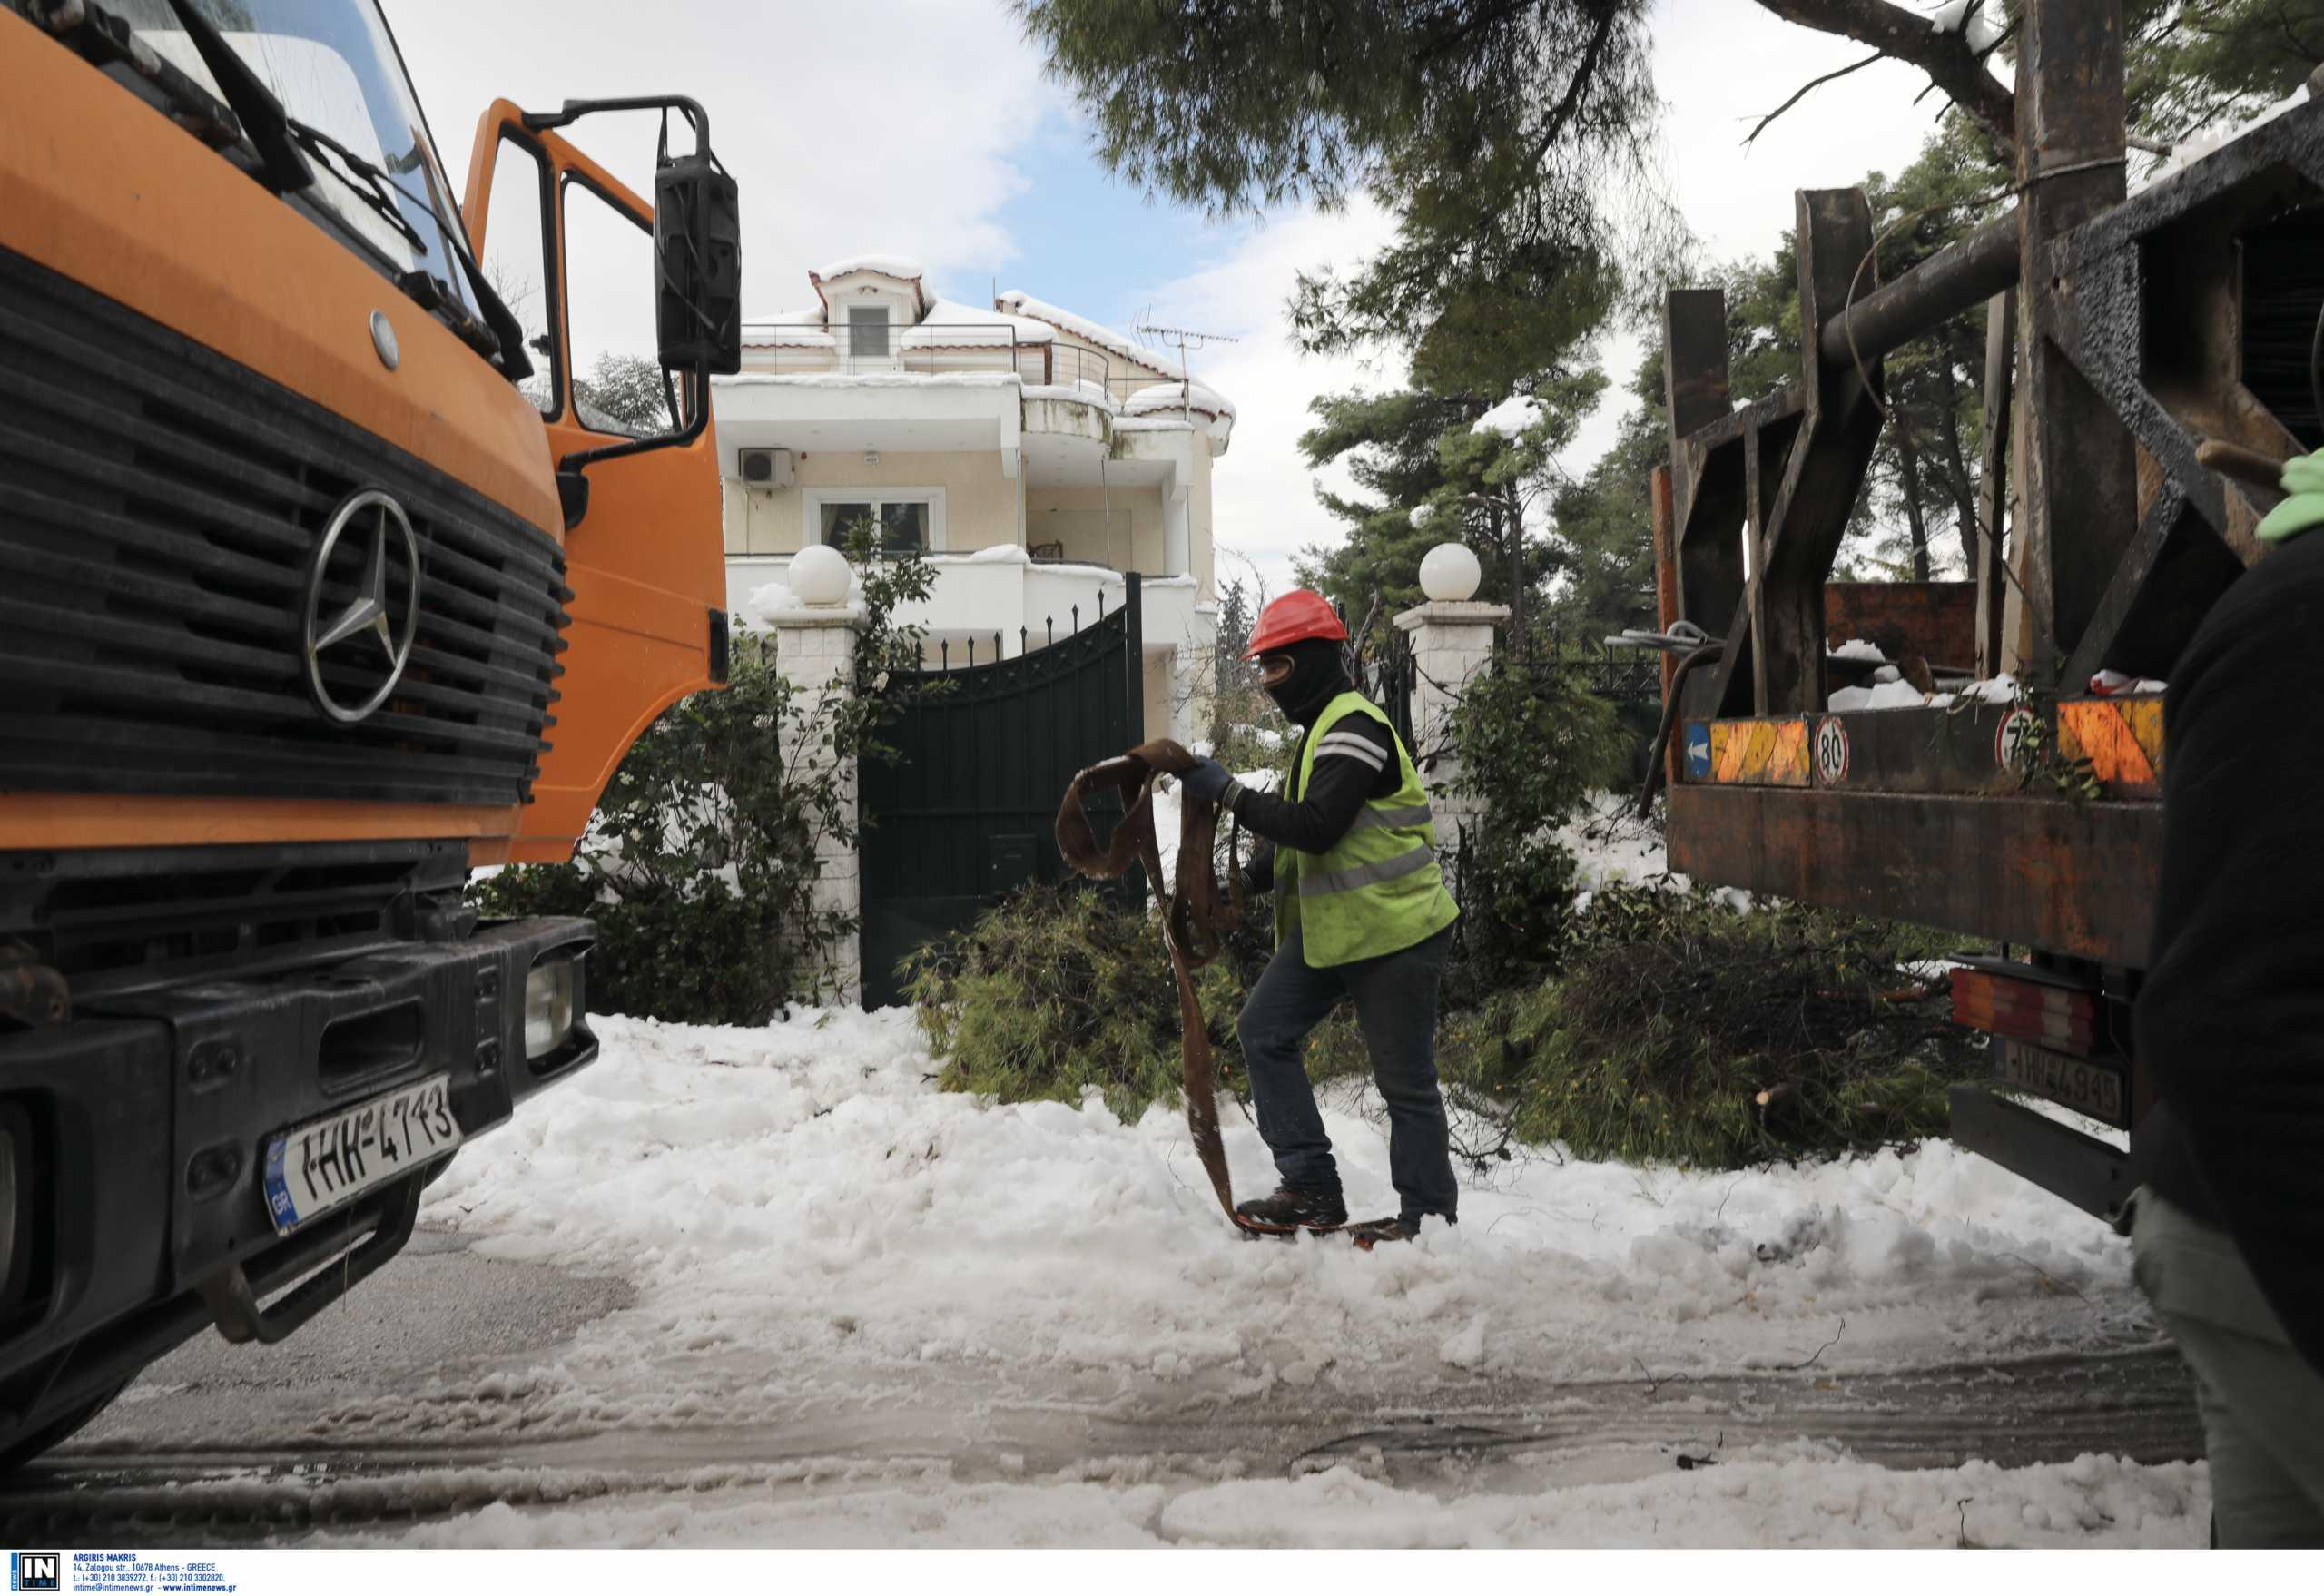 Διόνυσος: 72 δραματικές ώρες για χιλιάδες πολίτες – 1.200 δέντρα πεσμένα και 4 καυτά ερωτήματα